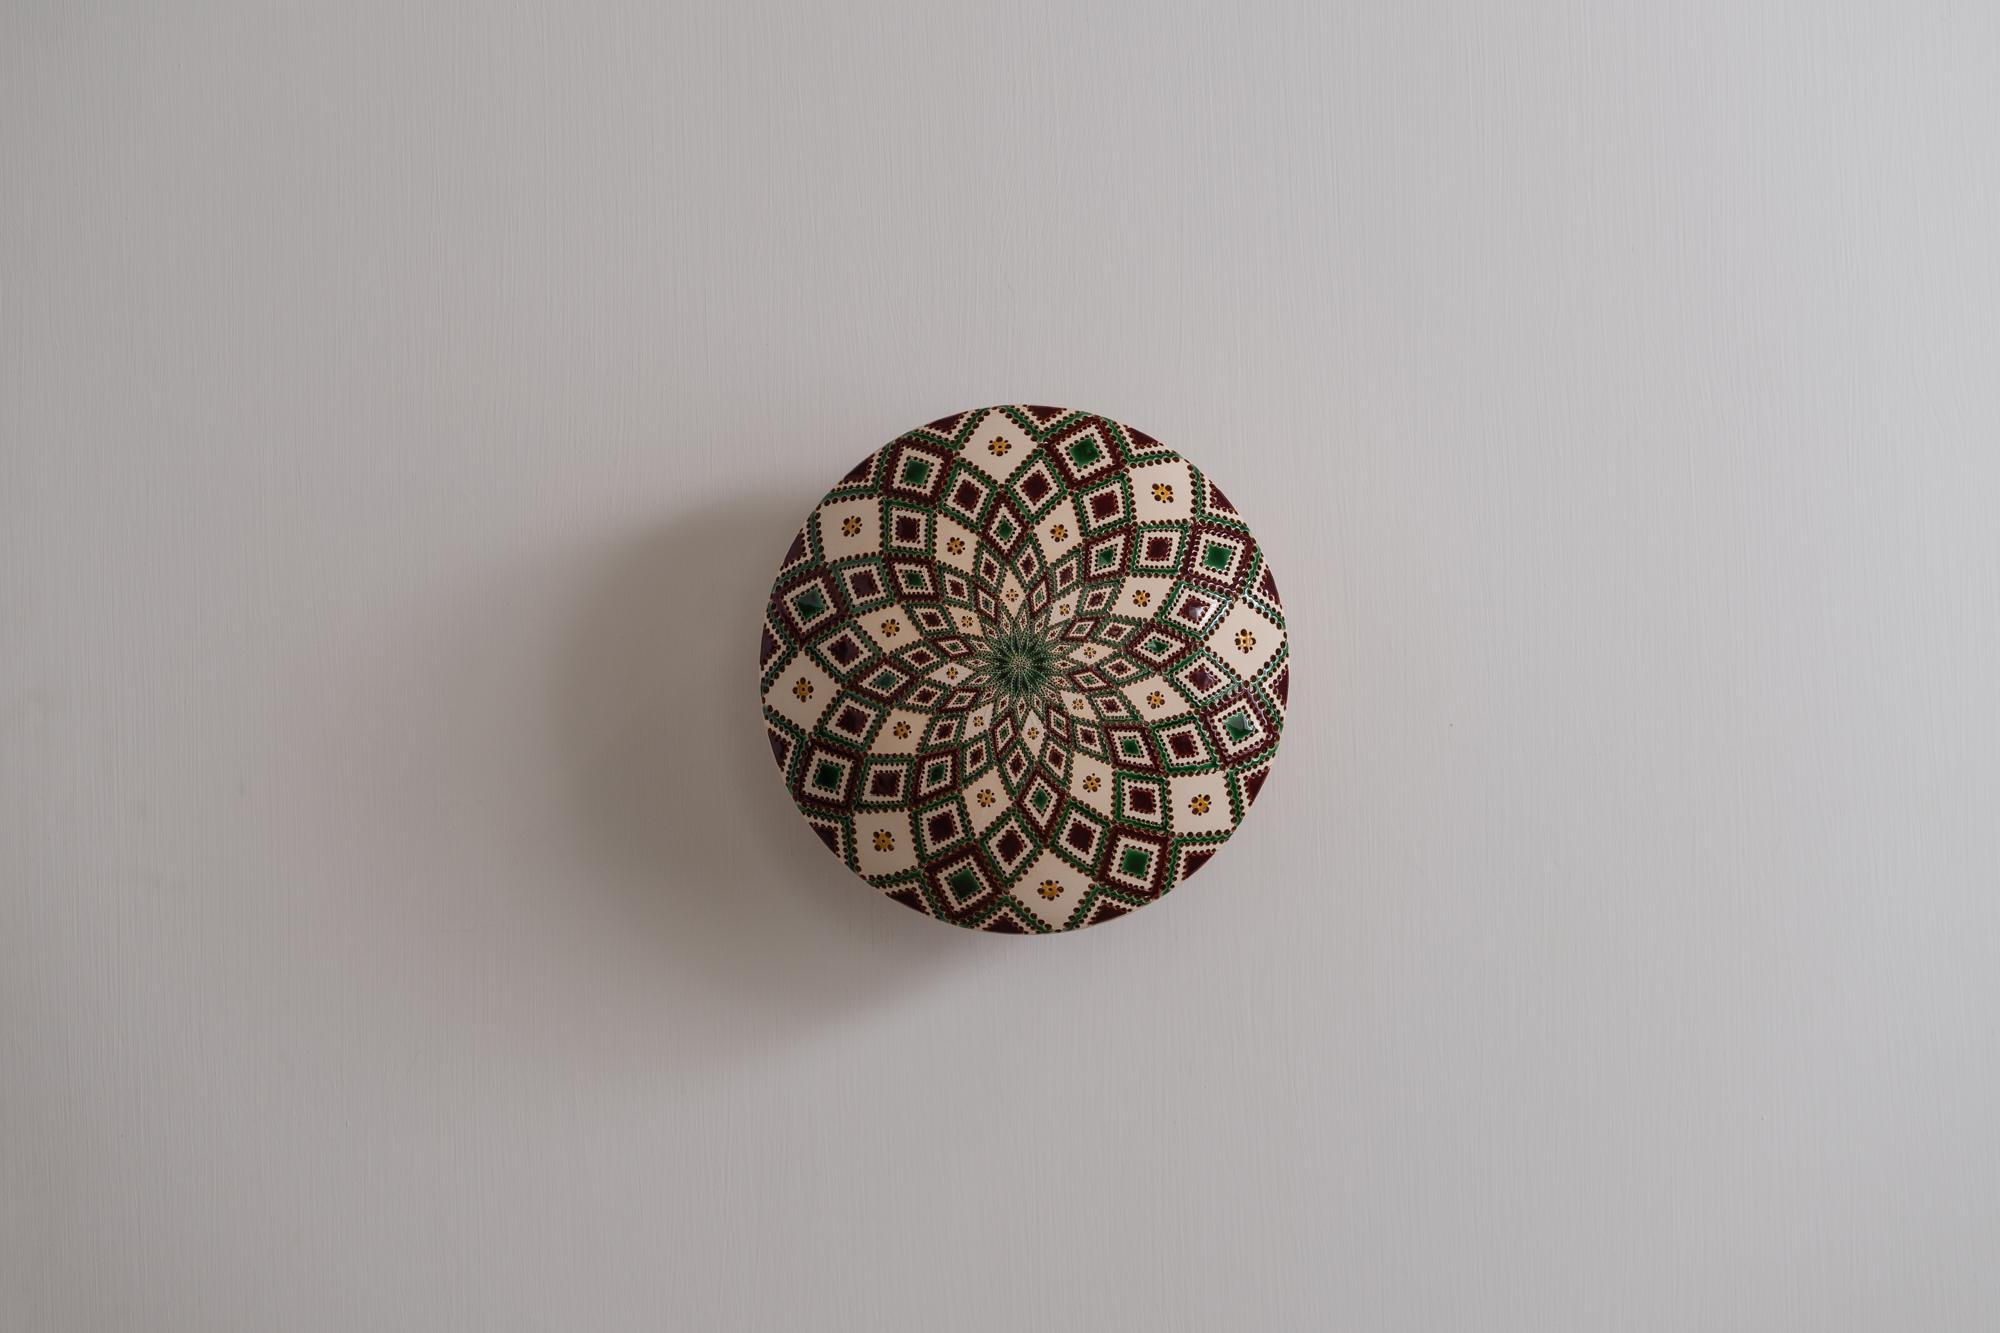 La ceramica di francesco fasano u2013 la ceramica di francesco fasano